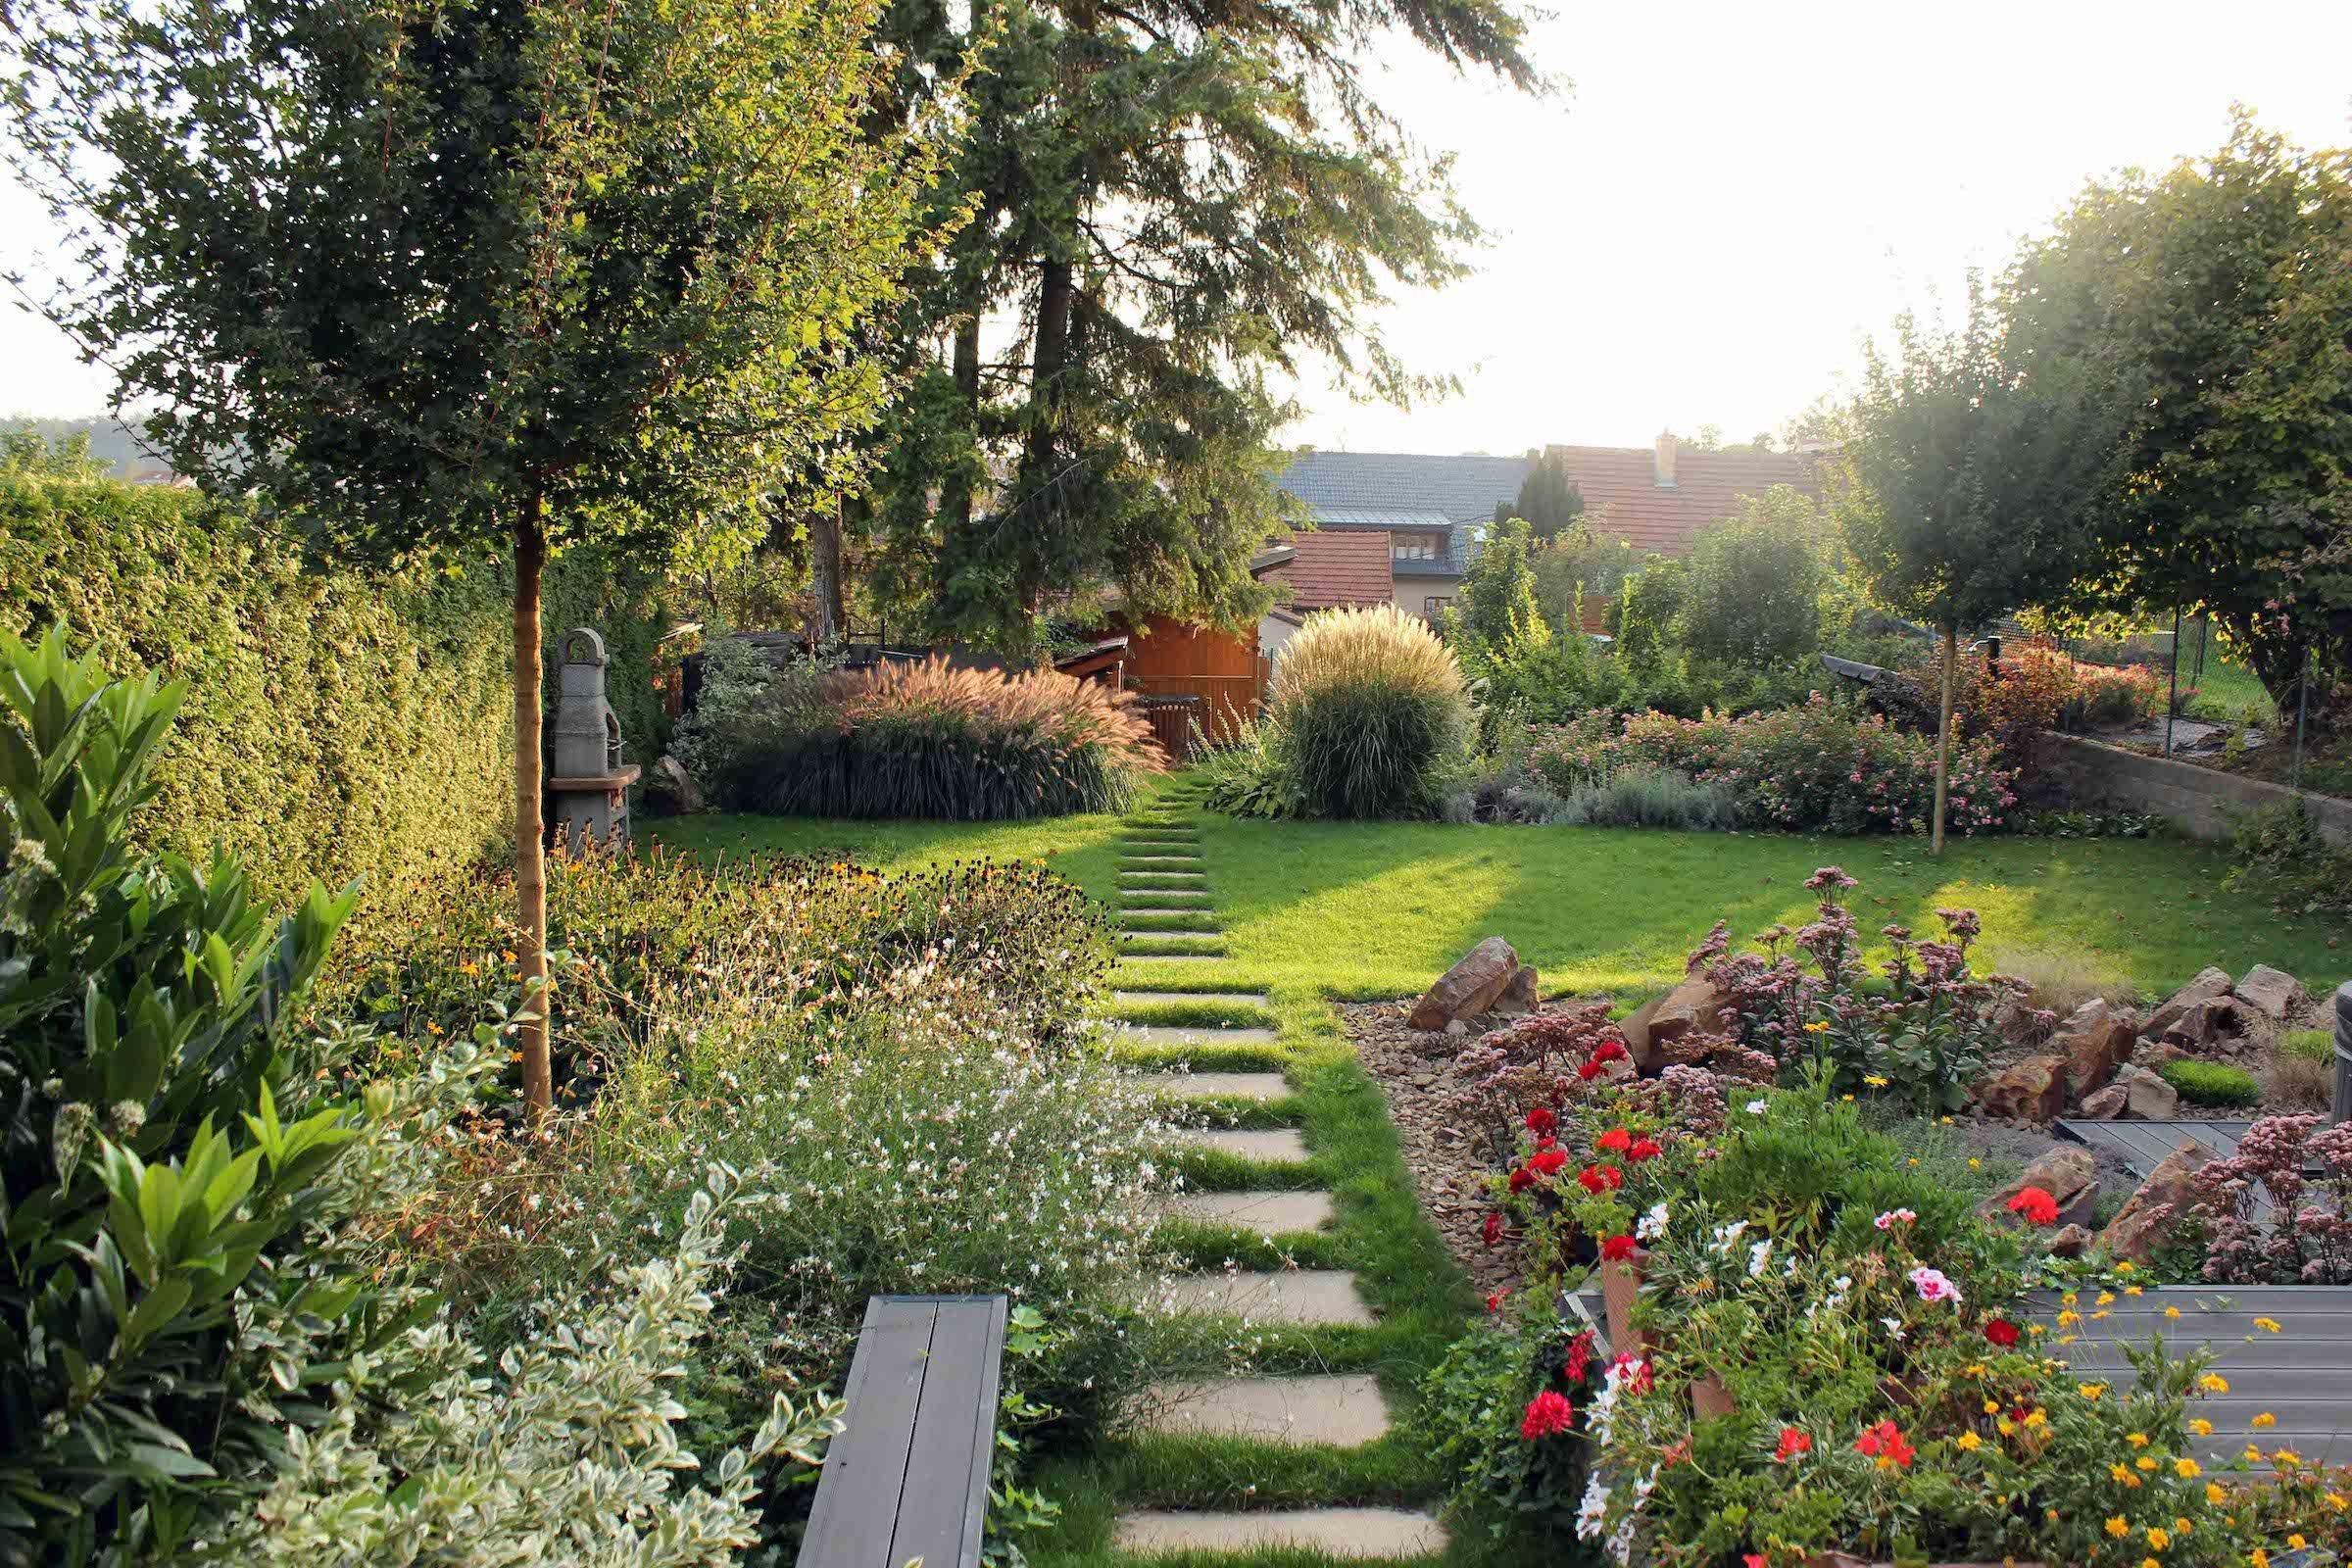 Dechberoucí zahrada může vzniknout i na docela malém kousku plochy. Stačí si určit priority a pak si na papír nakreslit minizahrádku vašich snů se vším, bez čeho se nelze obejít. Rázem pak i na malém prostoru vytvoříte kouzelné posezení uprostřed záplavy květů a třeba i s několika užitkovými záhonky poblíž.